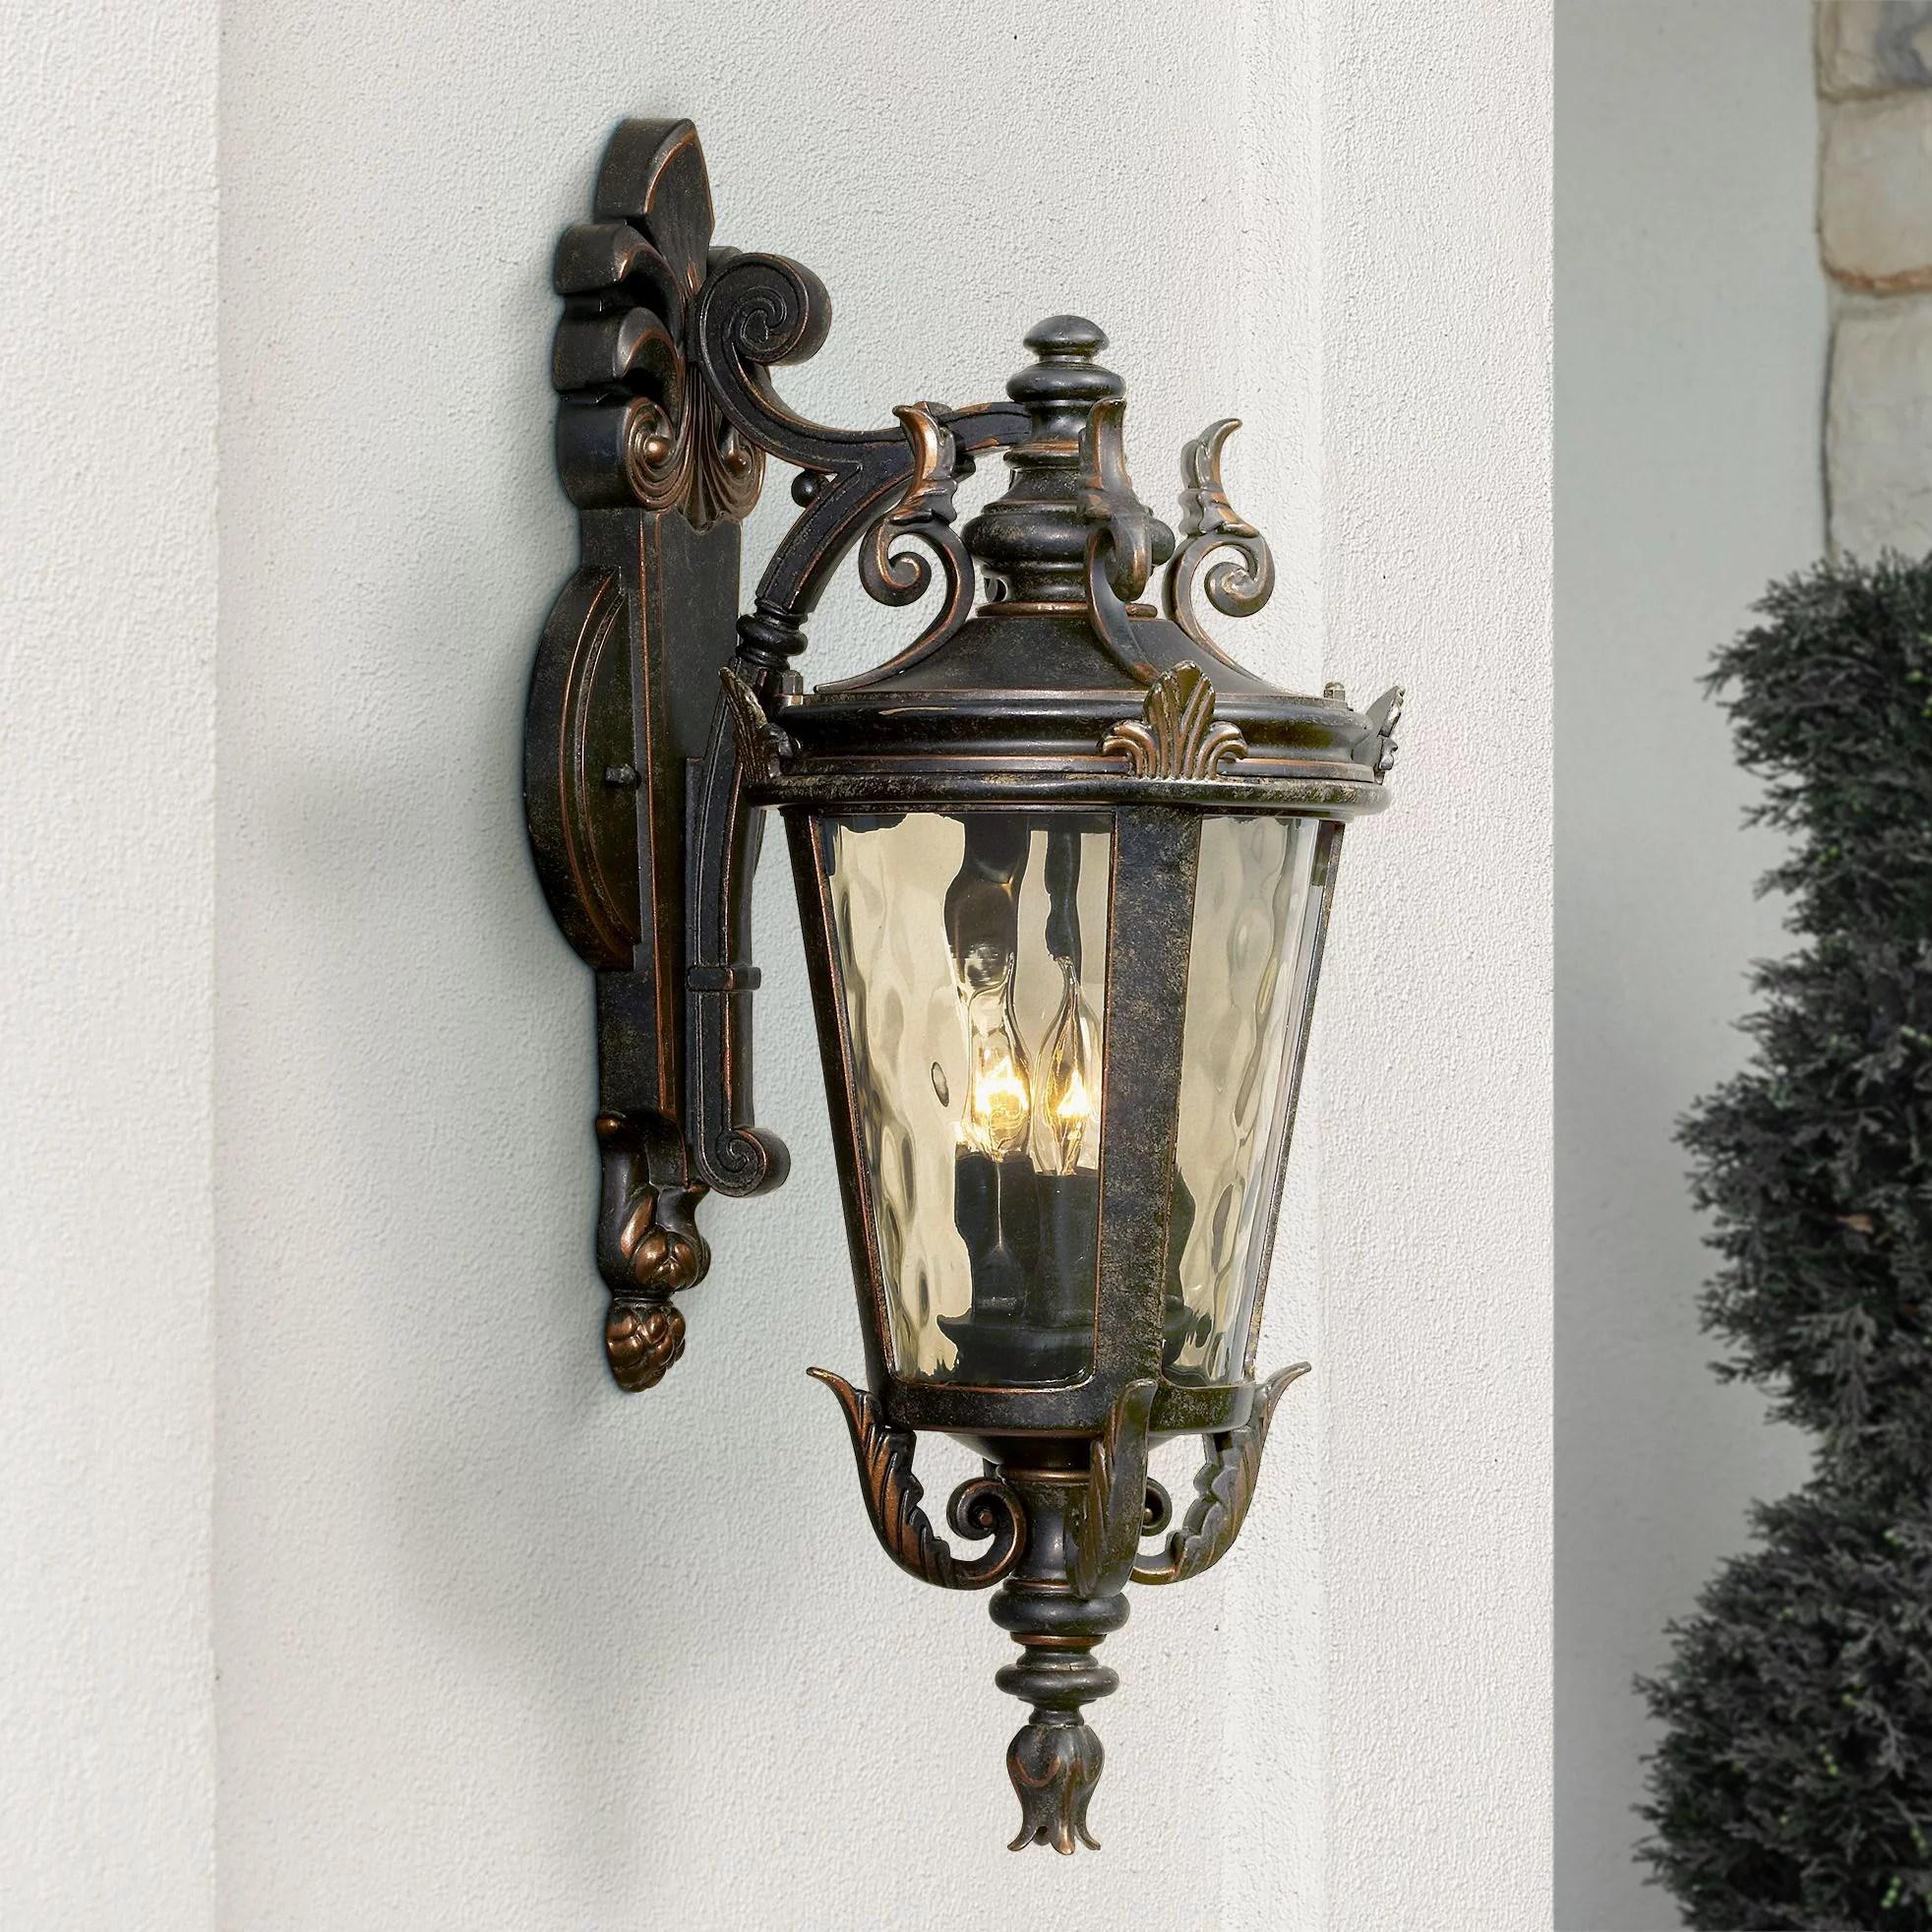 john timberland casa marseille 21 3 4 high bronze outdoor wall light walmart com